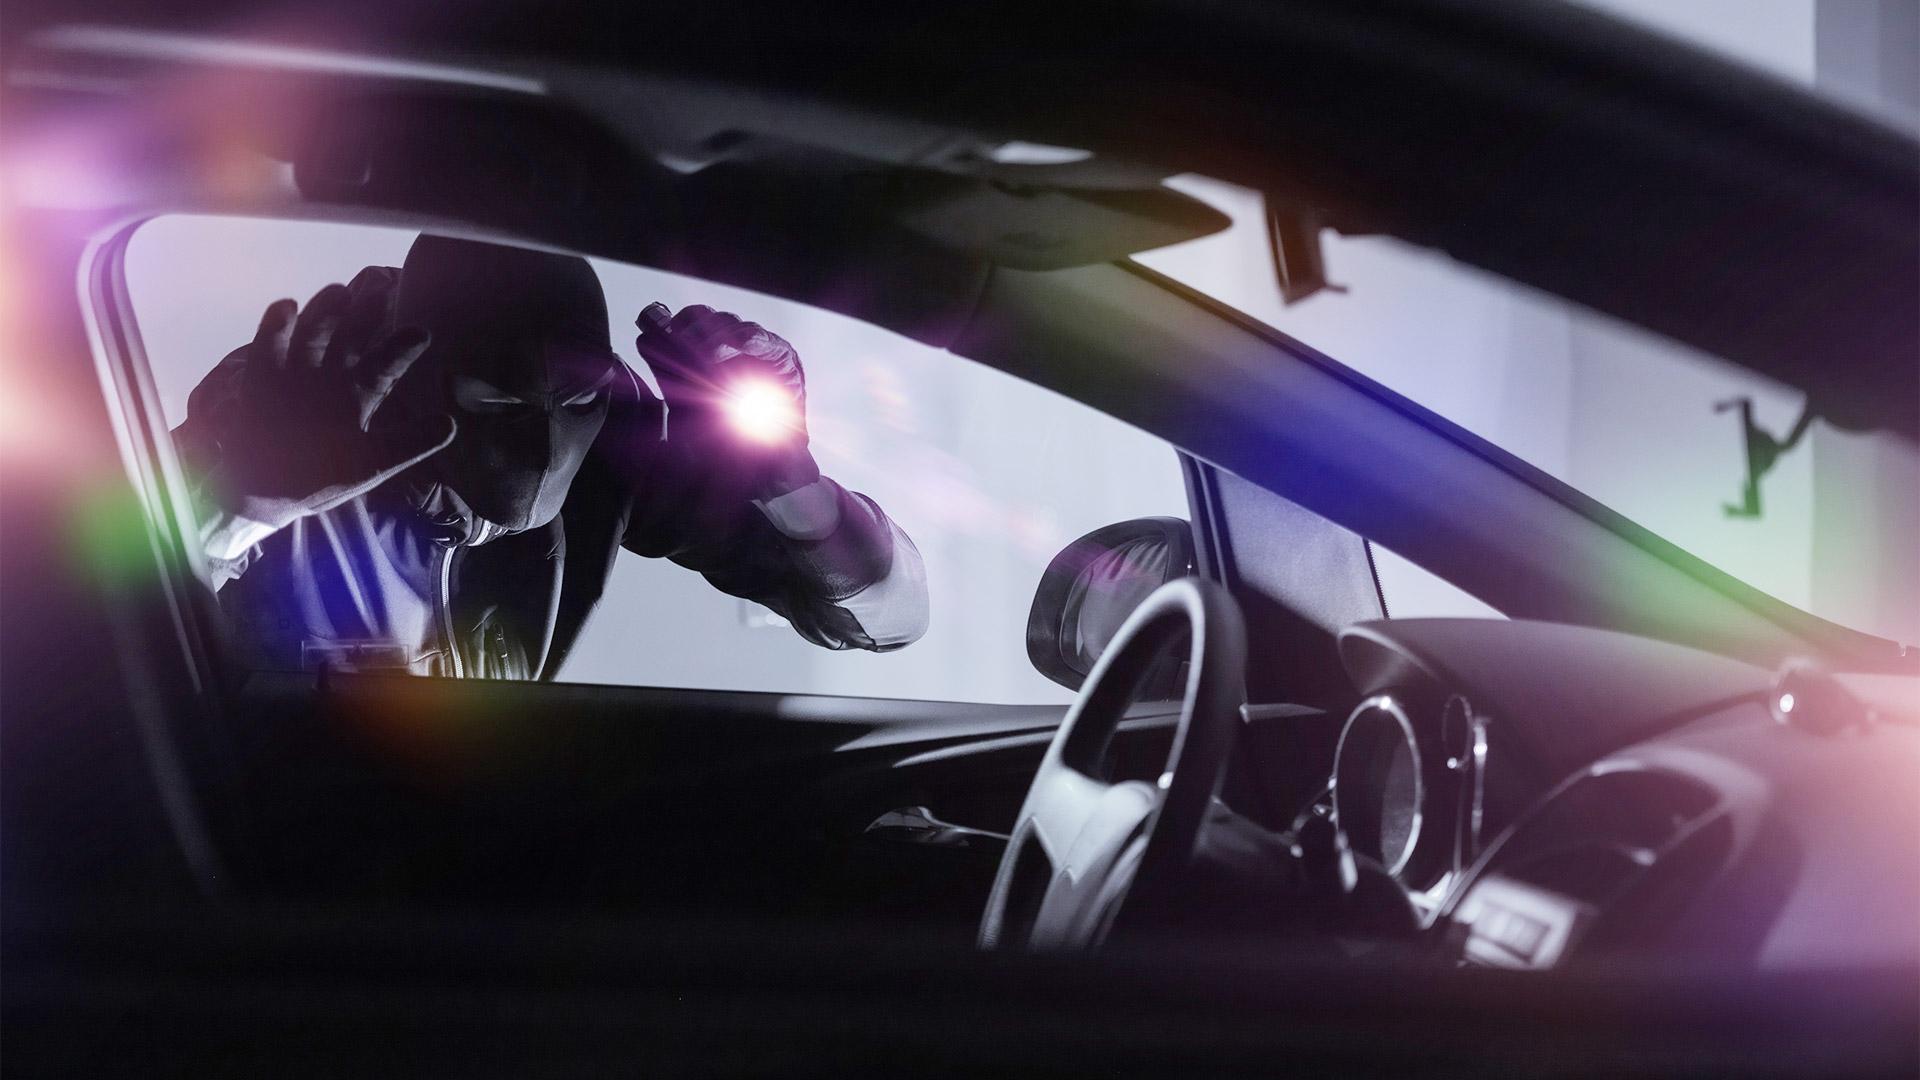 Какие автомобили в зоне повышенного риска угона?